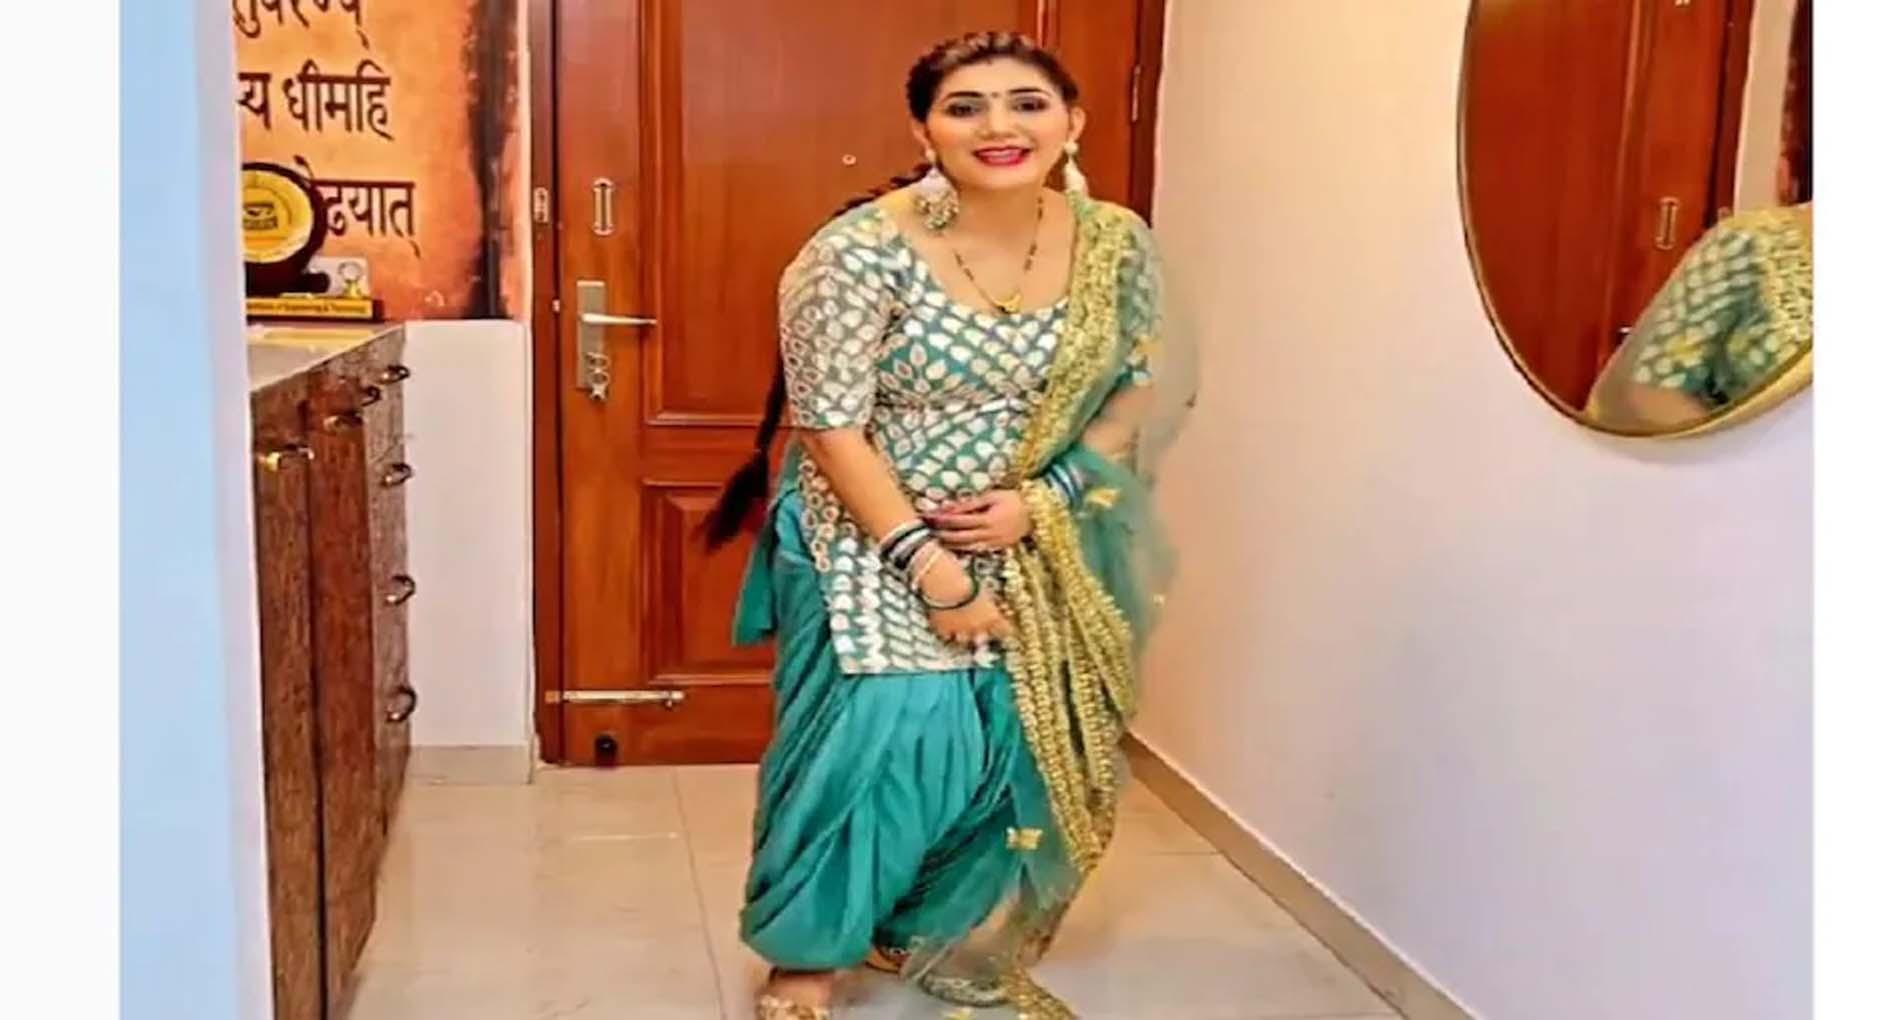 Sapna Choudhary Dance Video: सपना चौधरी ने अपने नए गाने पर लगाए जोरदार ठुमके! देखें वीडियो